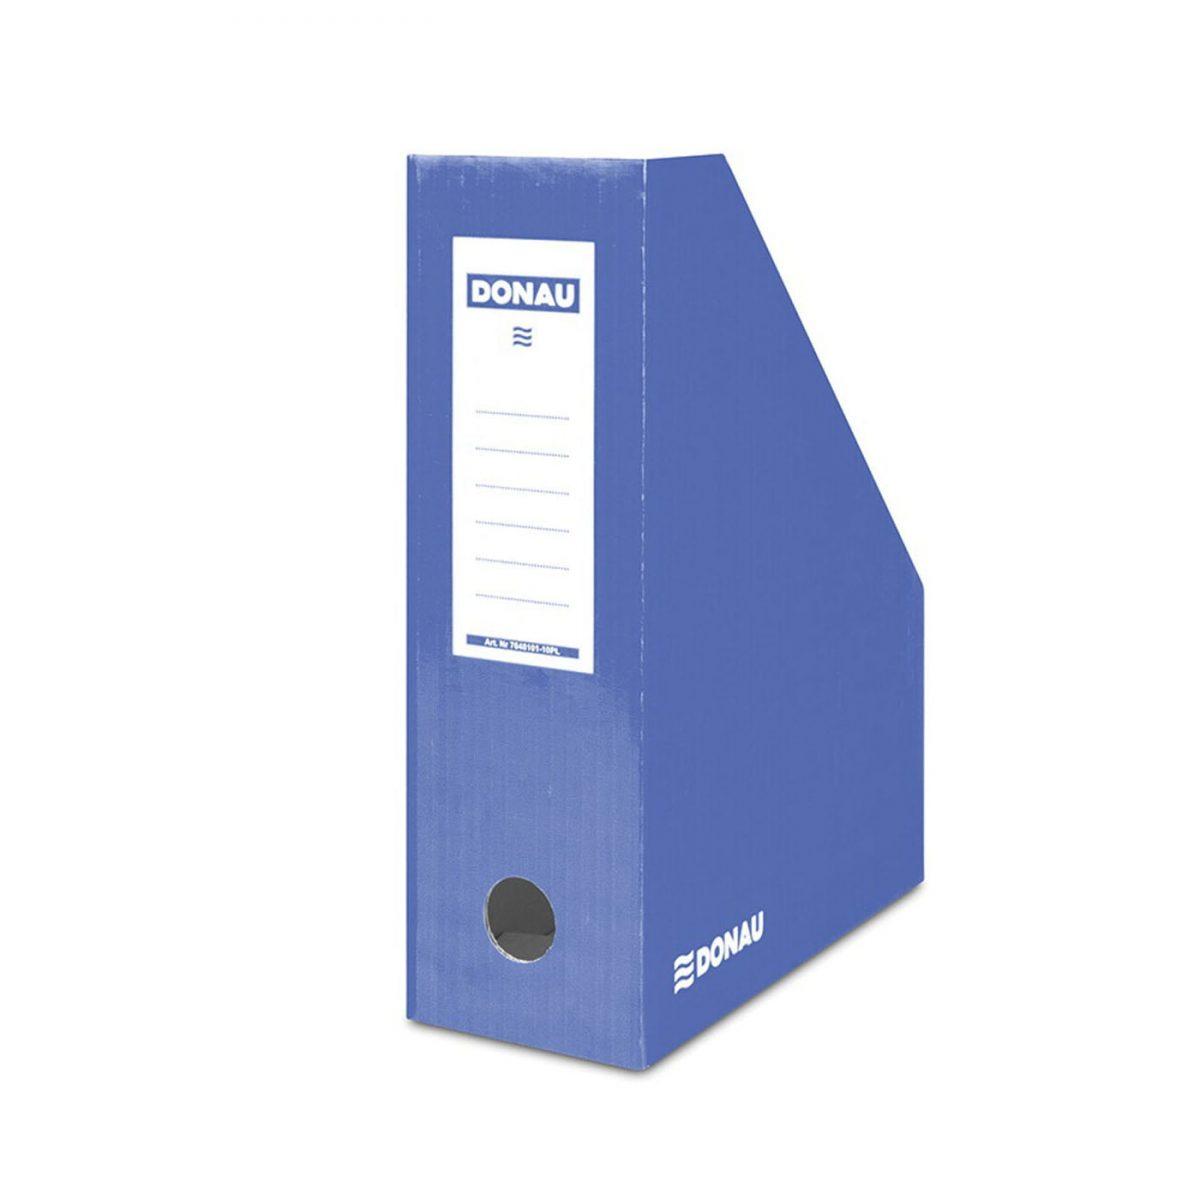 Suport vertical carton pentru cataloage Donau